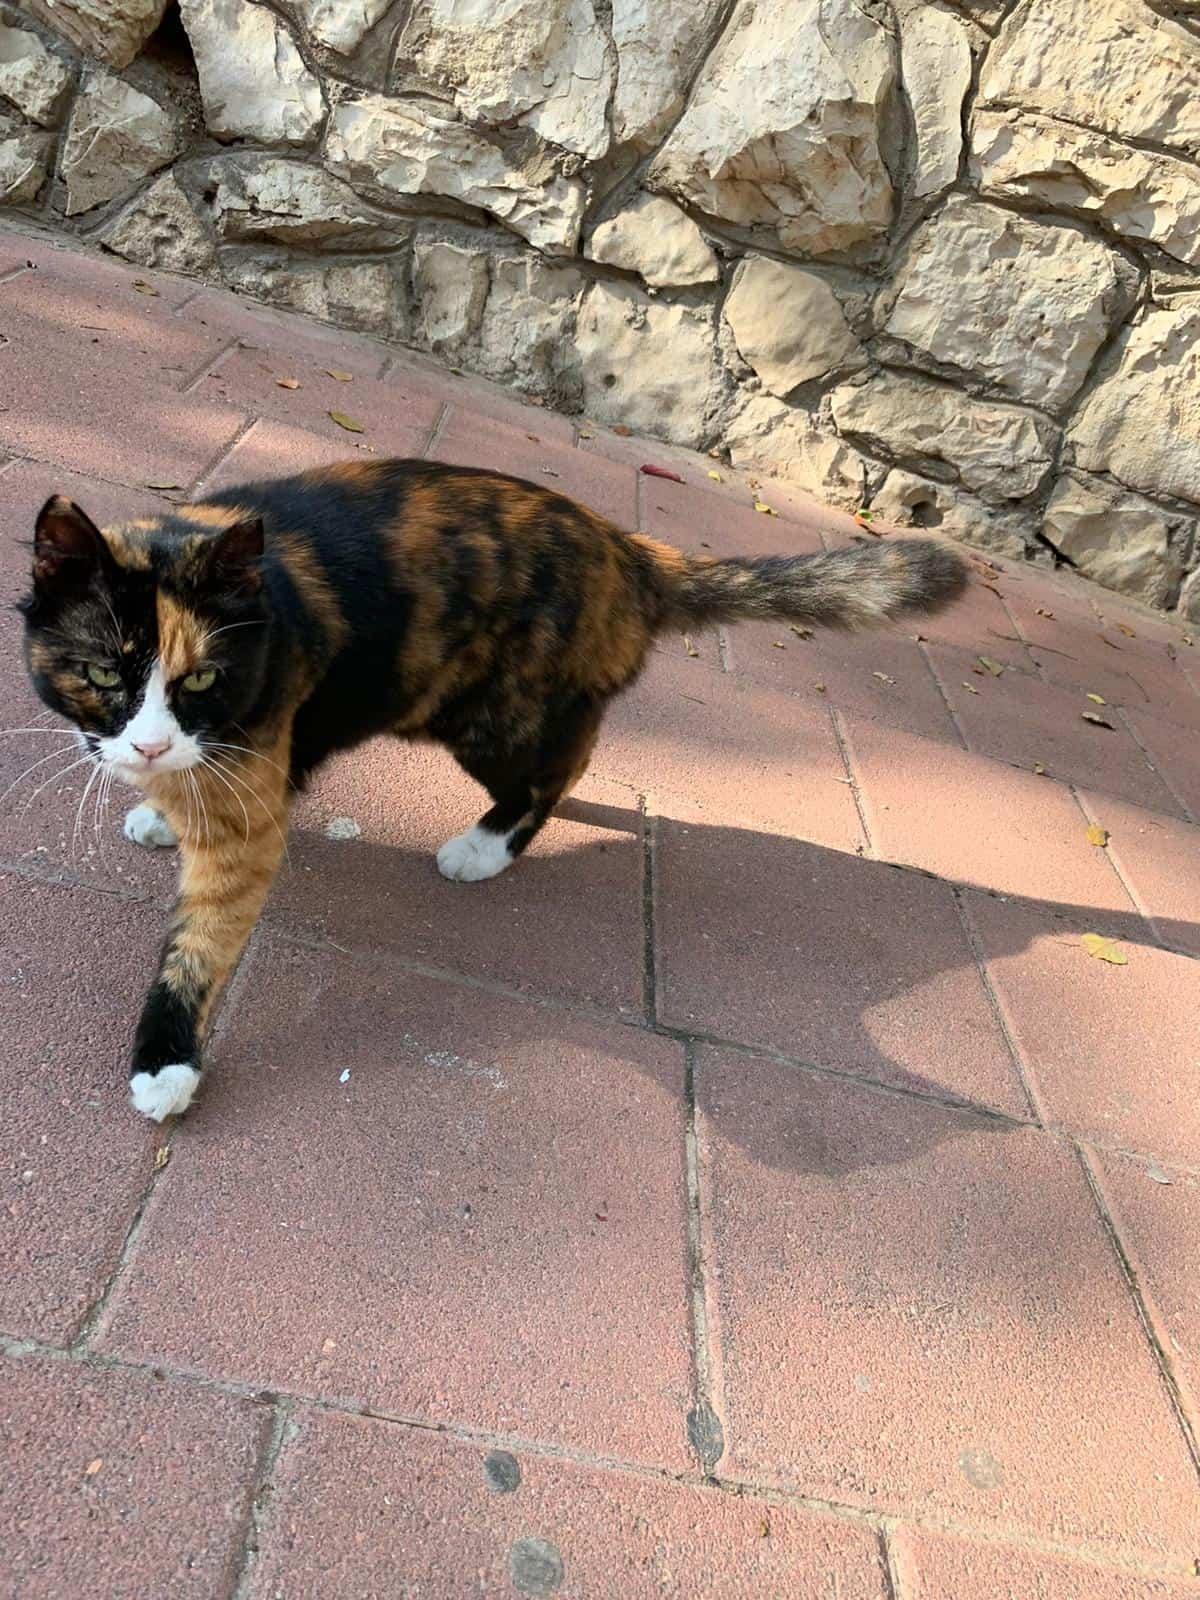 חתול רחוב. צילום: רמת גן גבעתיים ניוז